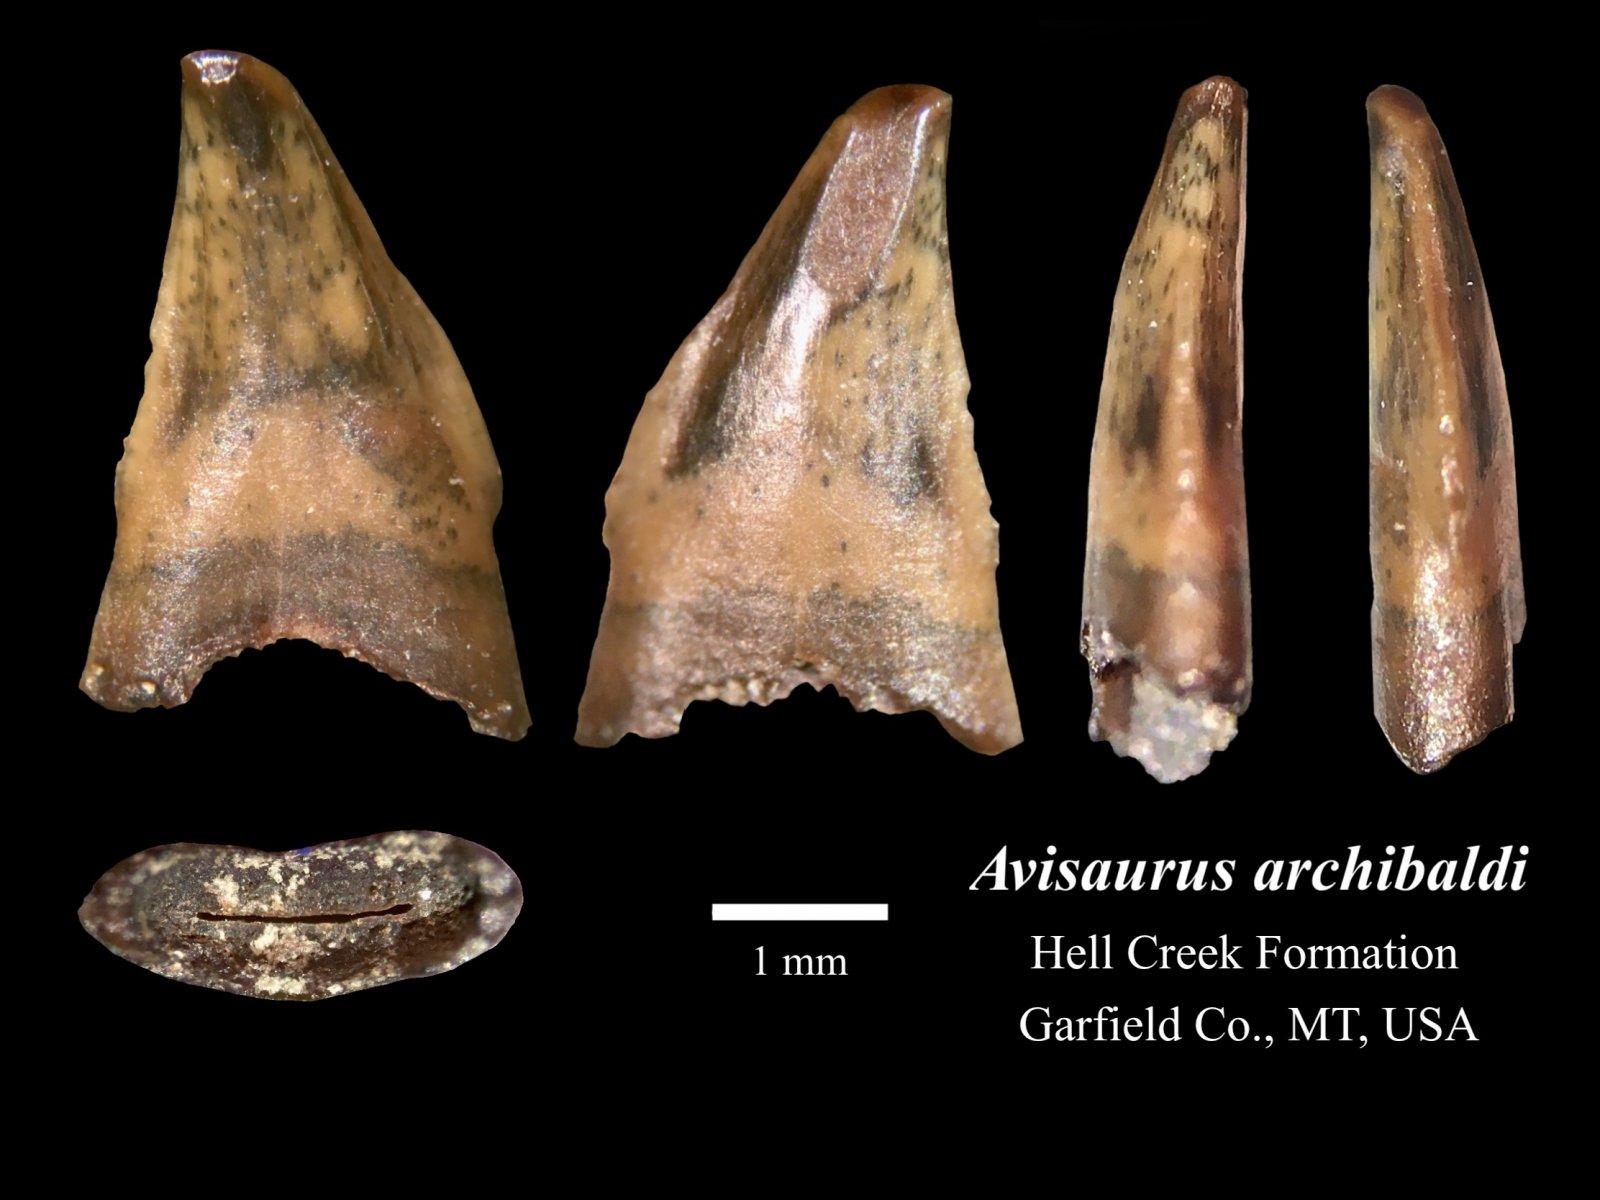 Avisaurus archibaldi